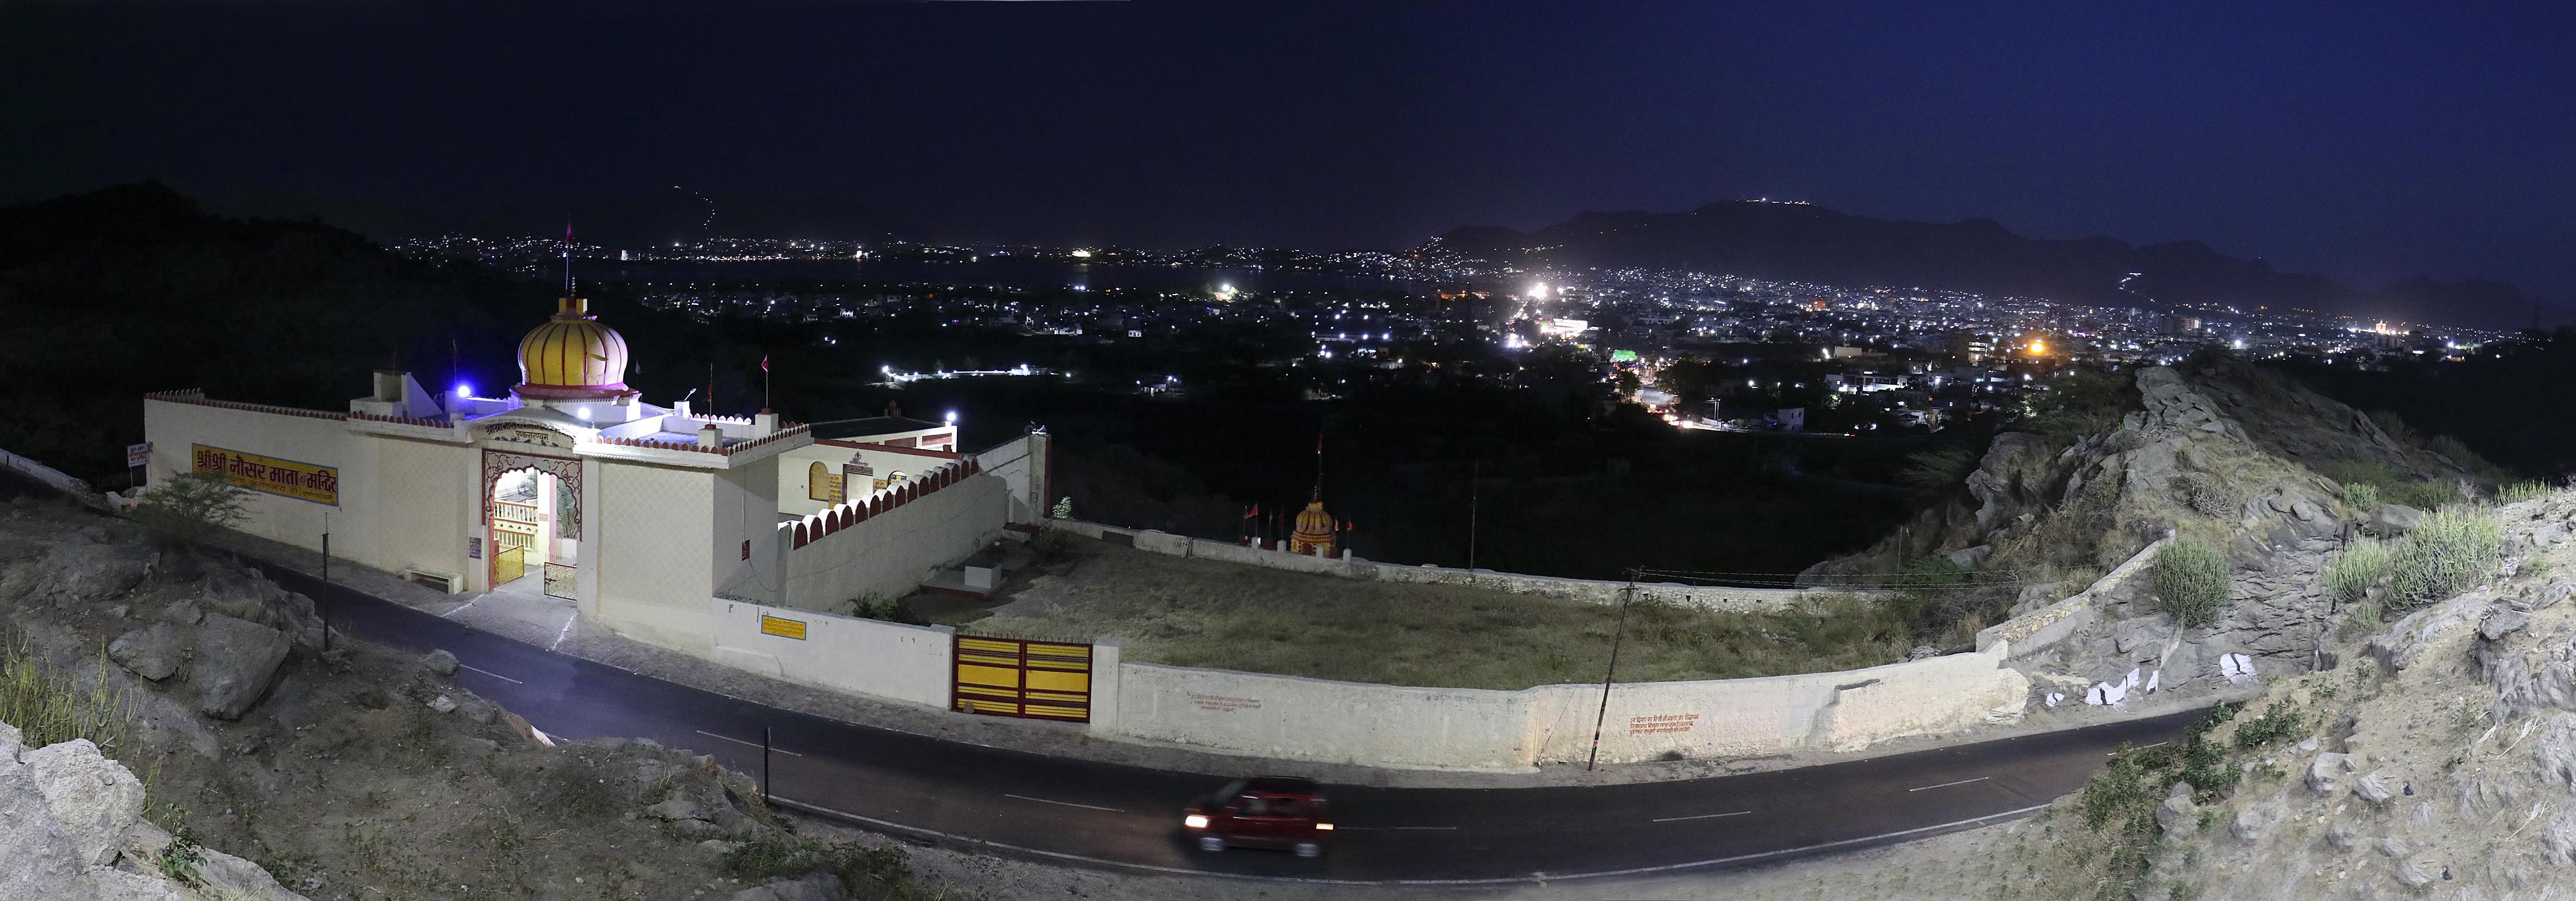 Панорама_Пушкар ночью 3